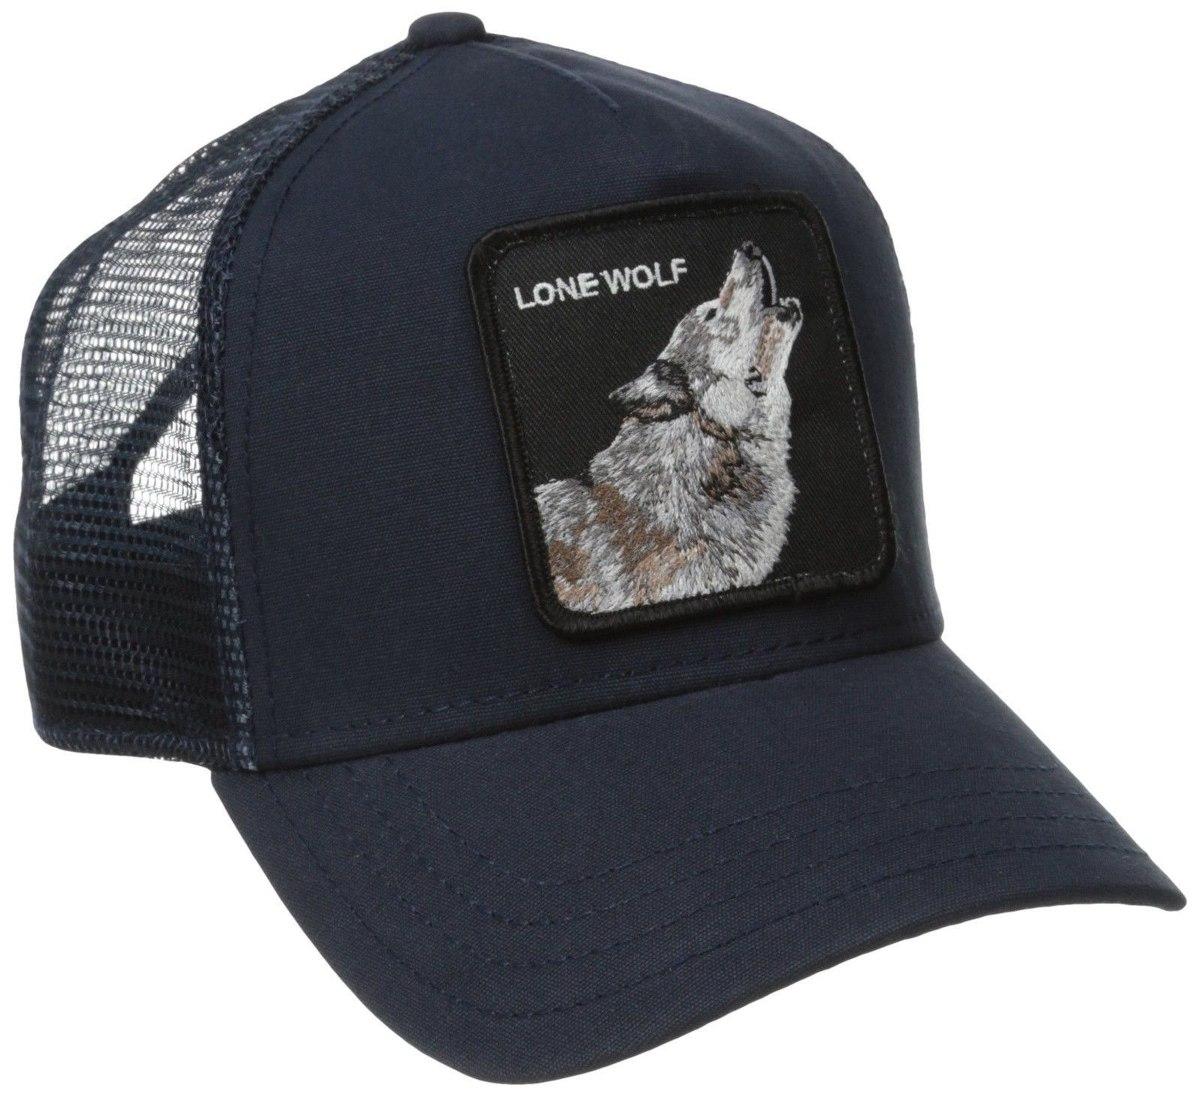 gorra goorin bros lone wolf - a pedido exkarg. Cargando zoom. 0b714c92c0f